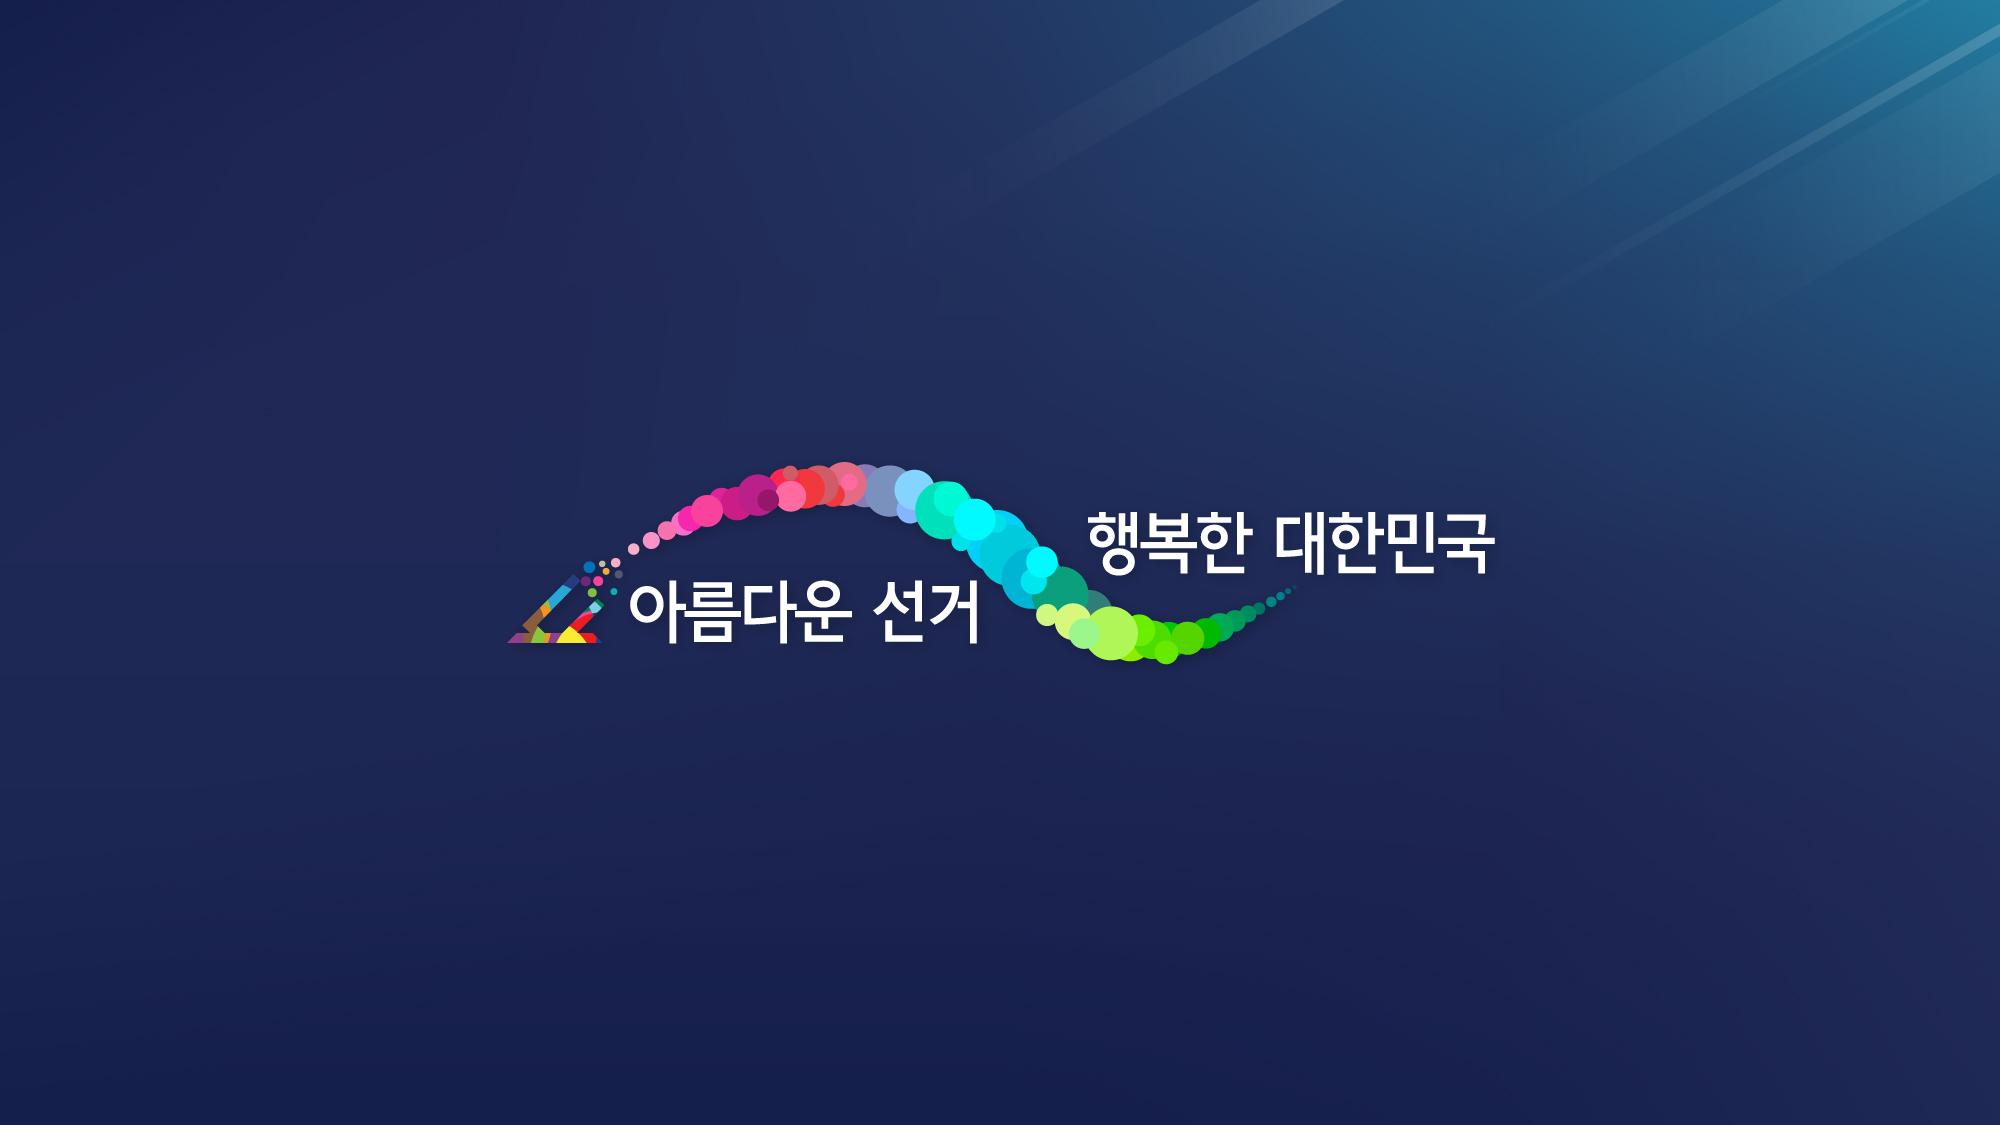 [중앙선거관리위원회]_선거슬로건_v1.3_release_20160203-03